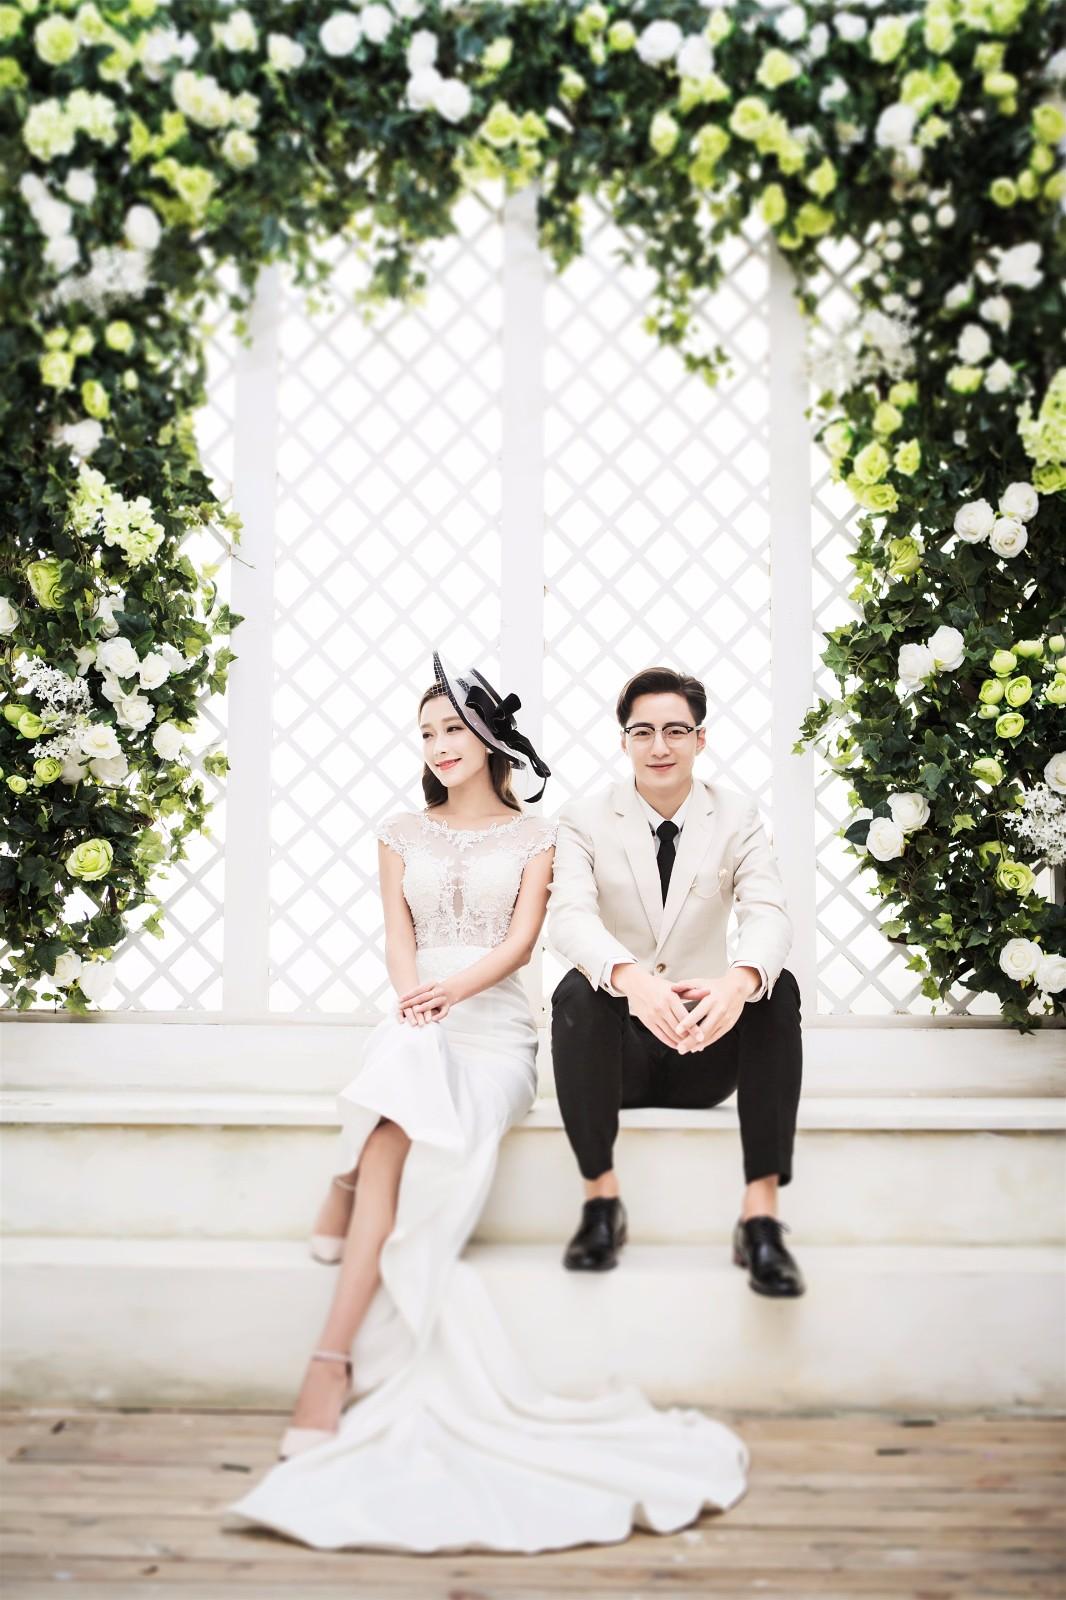 婚纱照有哪些风格?中式欧式最为畅销